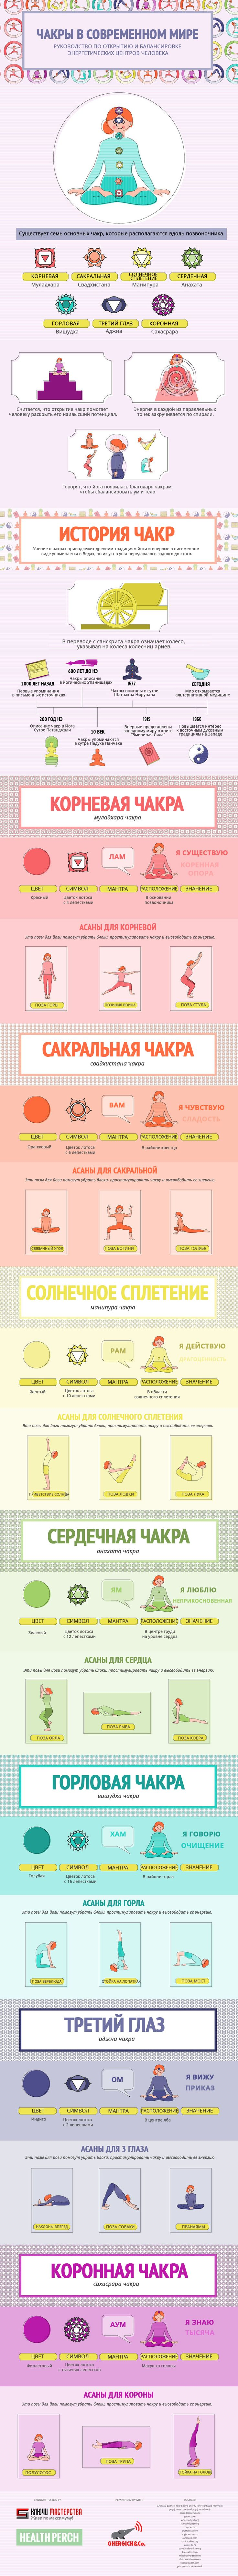 Чакры: Как использовать в повседневной жизни #чакры  #медитация